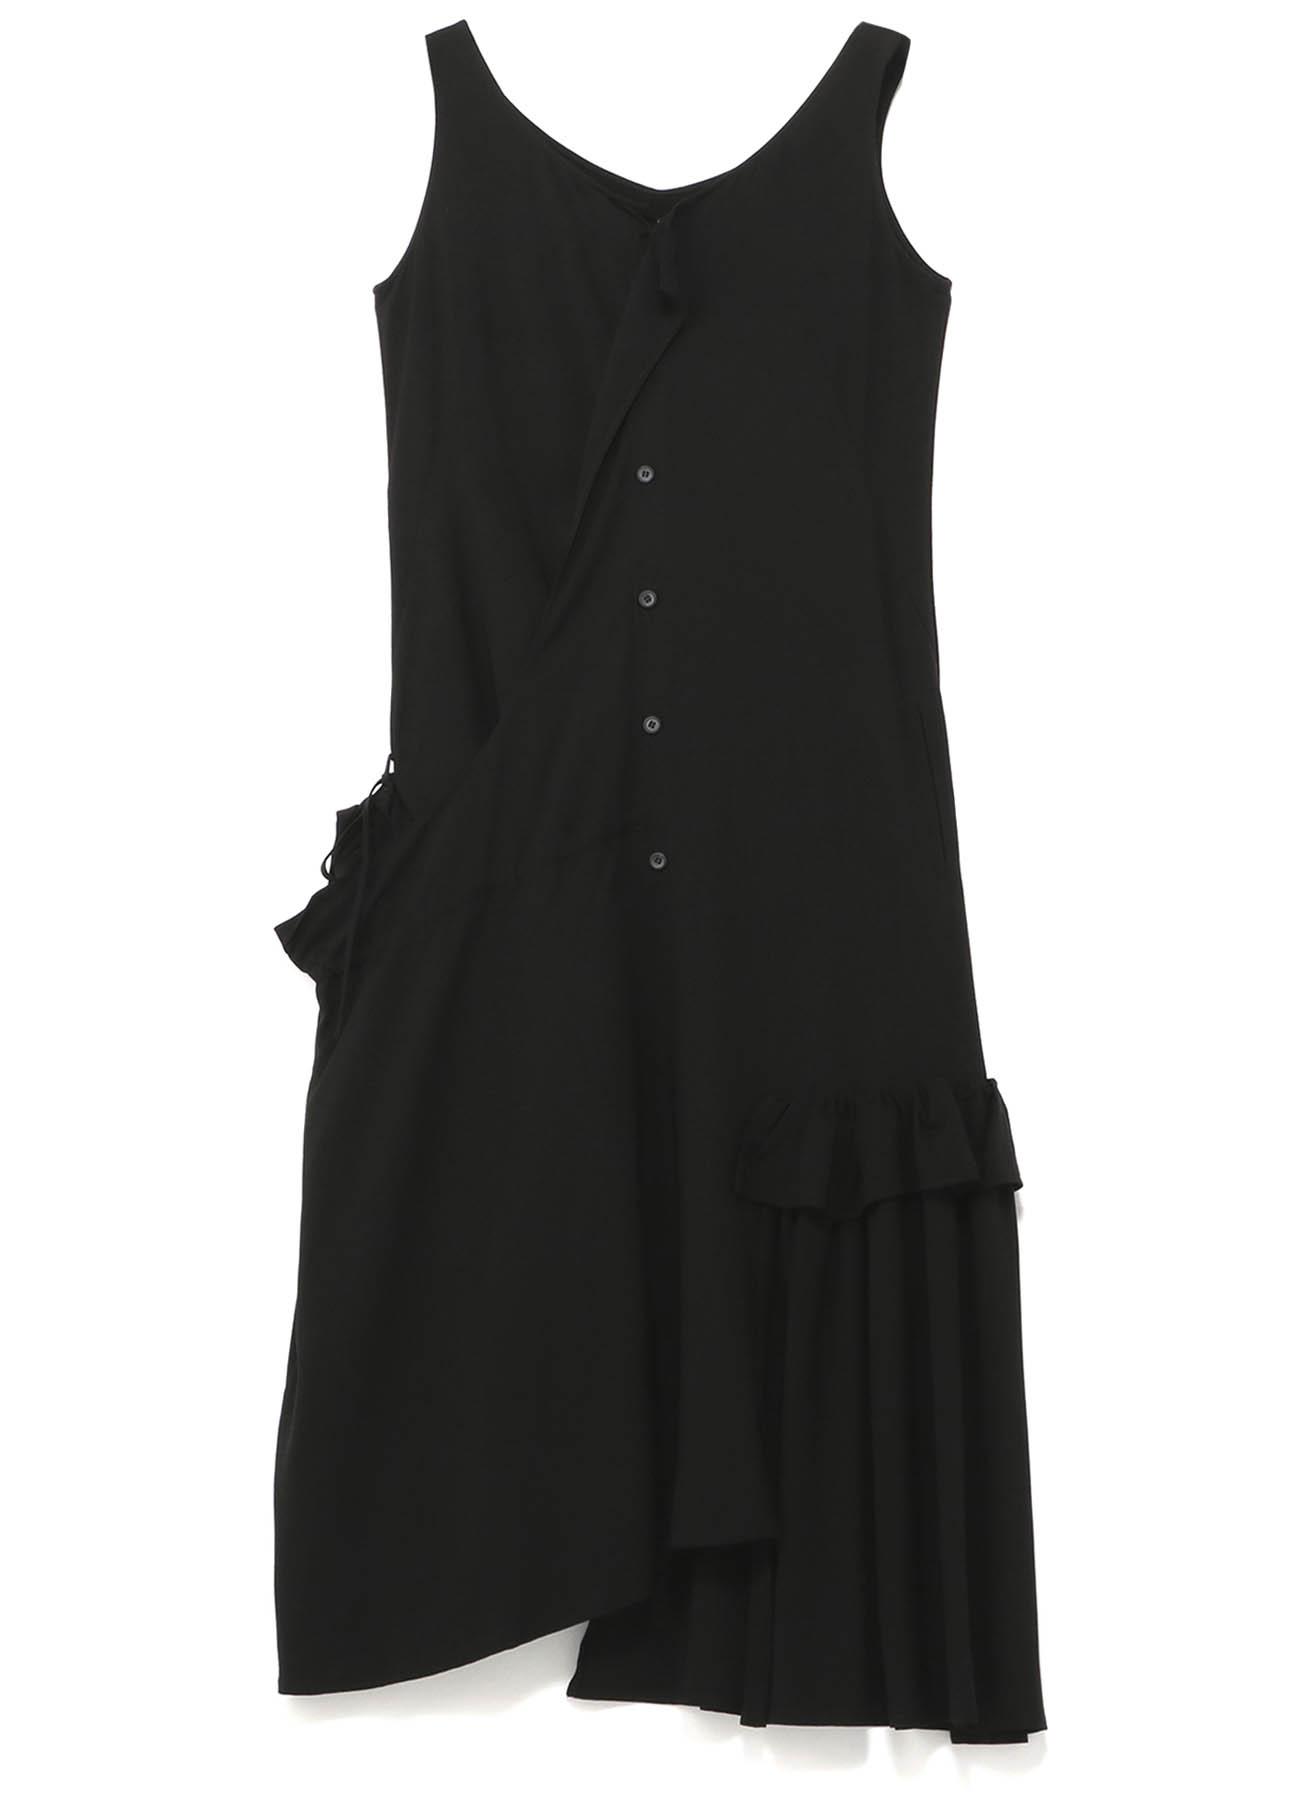 強撚ギャバギャザーノースリーブドレス